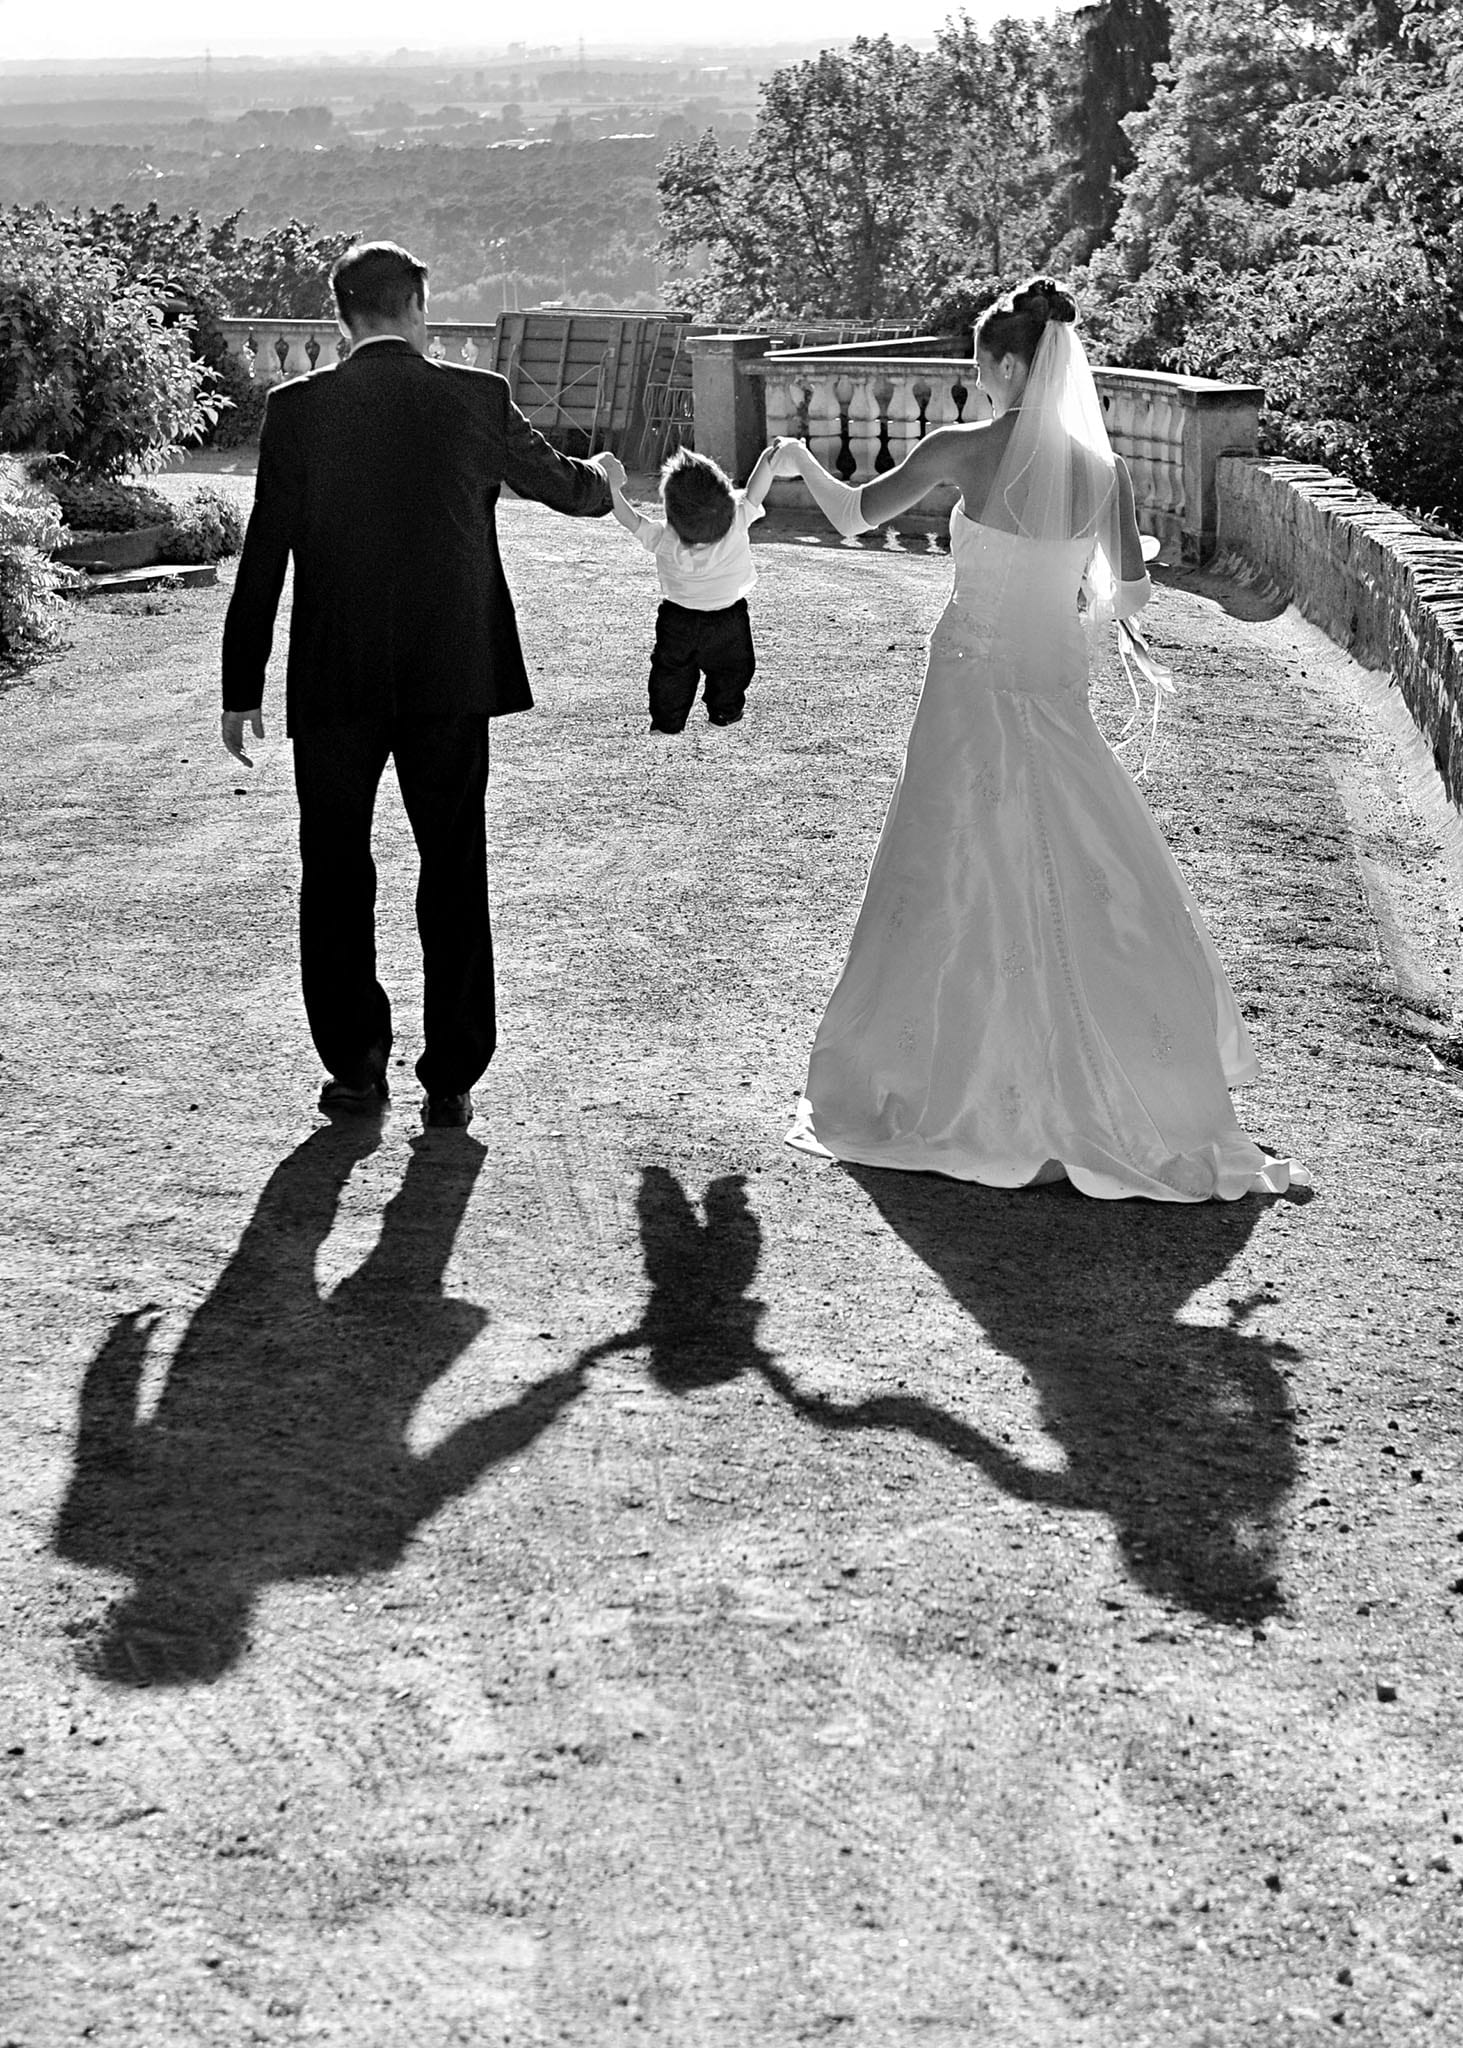 Hochzeit 036 Hochzeit heiraten Goldschmidtspark Seeheim-Jugenheim Engelchen flieg Hochzeitsfoto Hochzeitsfotografie Daniel Fuss Fotografie